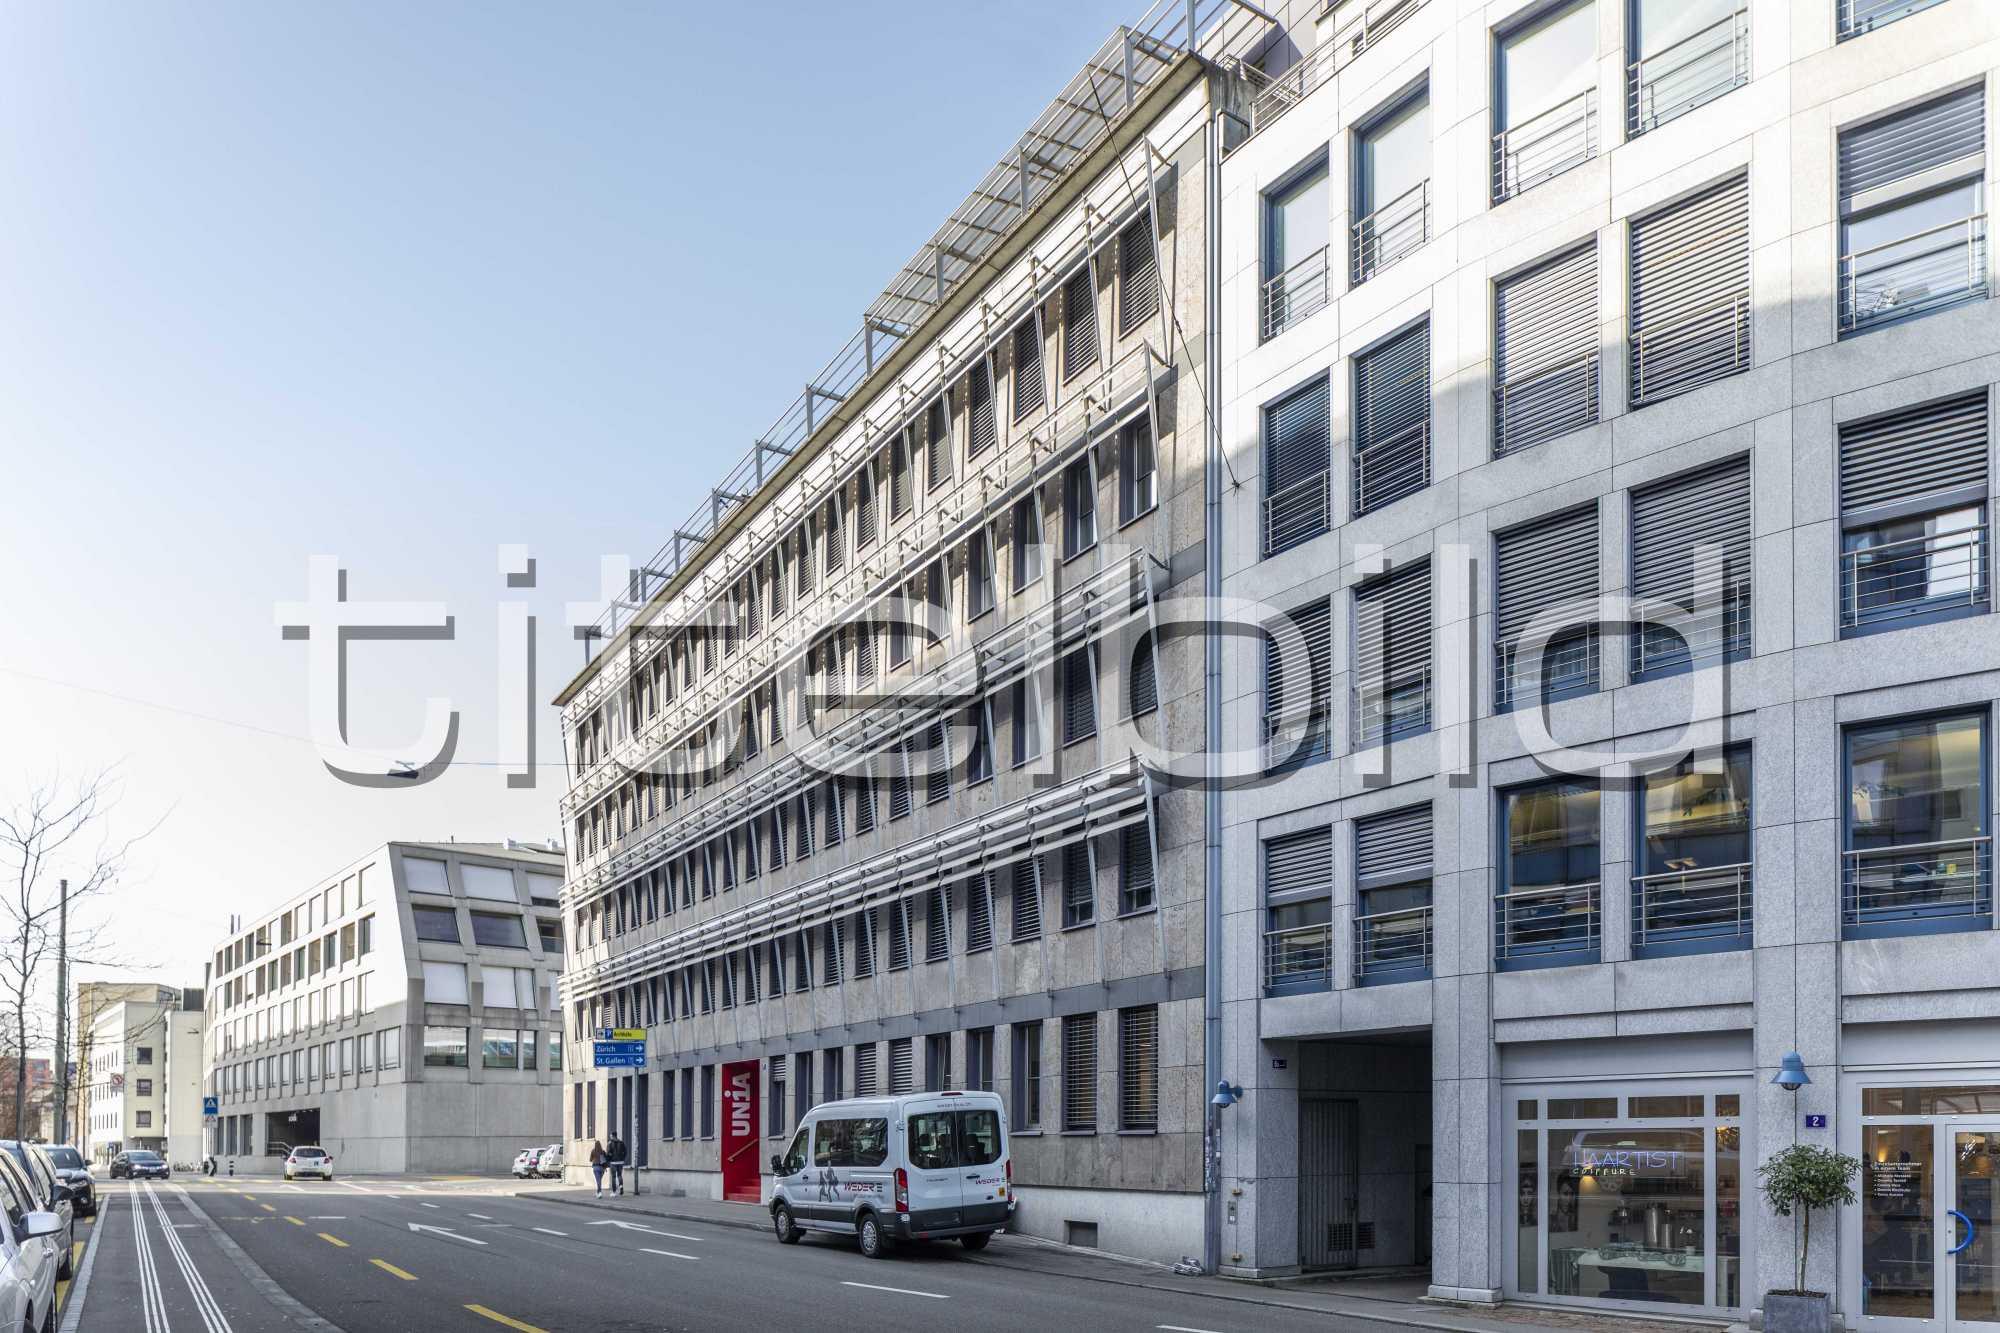 Projektbild-Nr. 1: GH Lagerhausstrasse 6, 8400 Winterthur